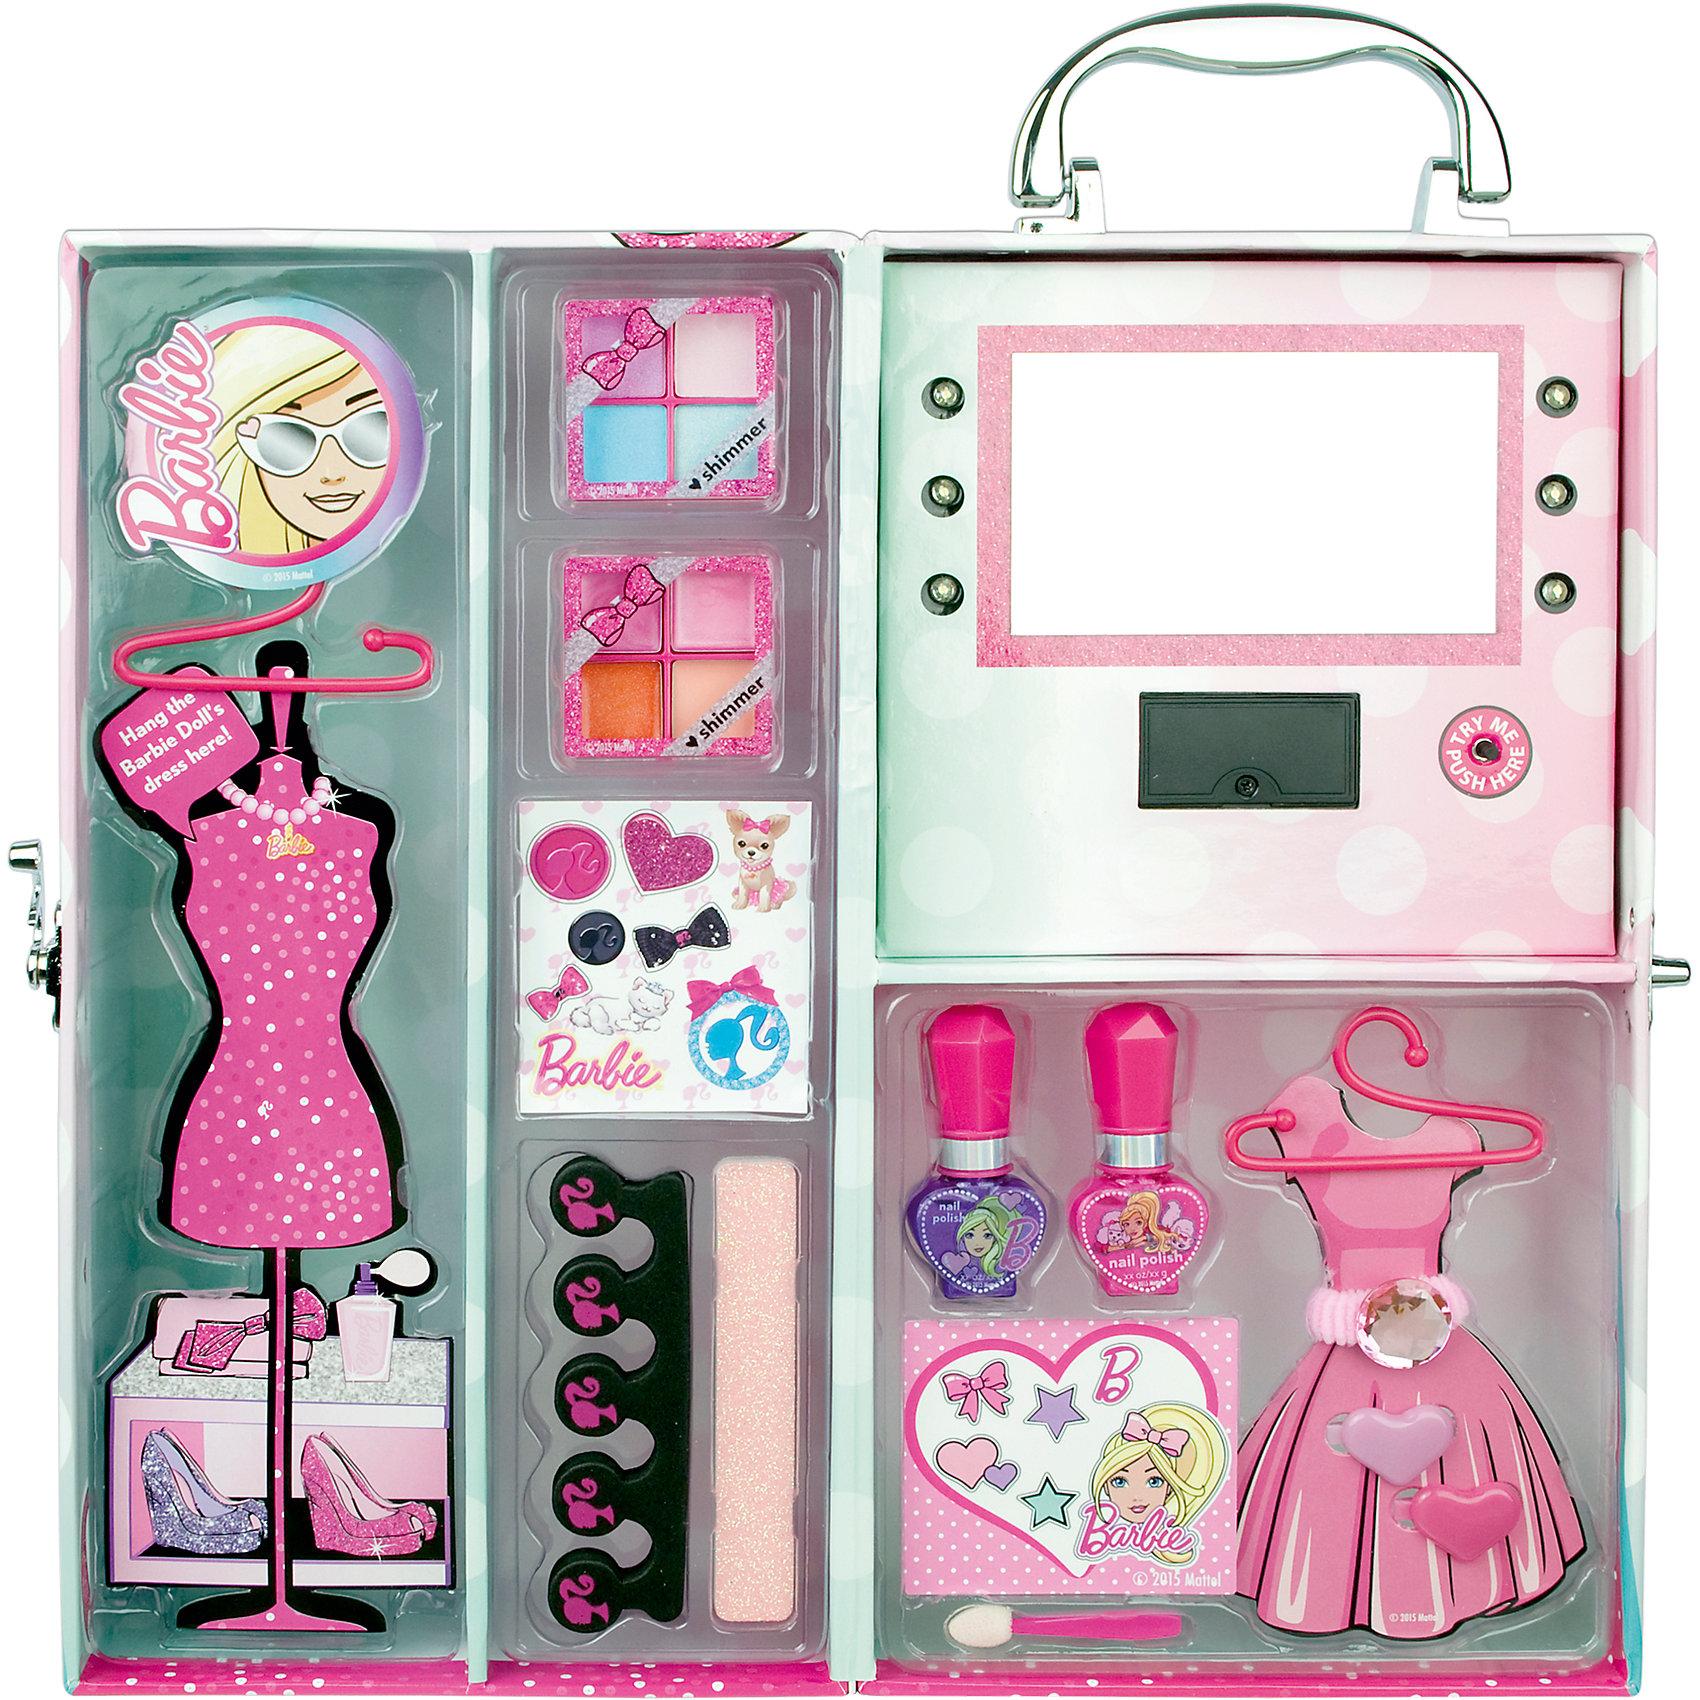 Игровой набор детской декоративной косметики в чемодане с подсветкой, BarbieИгровой набор детской декоративной косметики в чемодане с подсветкой, Barbie (Барби)<br><br>Характеристики:<br><br>• косметика безопасна для ребенка<br>• яркая упаковка<br>• содержит все необходимые инструменты<br>• не содержит парабенов и пальмового масла<br>• подходит в качестве подарка<br>• батарейки: CR2032 - 2 шт. (входят в комплект)<br>• в комплекте: тени для век, блеск для губ, лак для ногтей, аппликатор, заколки для волос, резинка, разделитель для пальцев, пилка, вешалки для кукольных платьев, стенд для платьев, зеркало<br>• размер: 15,8х12,8х30 см<br>• вес: 730 грамм<br>• перед первым применением рекомендуется провести тест на аллергию: нанесите немного косметики на кожу на 30-40 минут и проверьте реакцию<br><br>Набор декоративной косметики Барби создан для девочек, мечтающих почувствовать себя настоящими стилистами. Смотря в зеркальце, девочка сможет создать себе неповторимый макияж. Вся косметика представлена в нескольких цветовых оттенках, что поможет девочке проявить фантазию для создания яркого образа. Лак для ногтей на водной основе подойдет не только для маникюра, но и для педикюра. Для его создания потребуется разделитель для пальцев, который тоже входит в комплект. Различные аксессуары приятно дополнят готовый образ. Косметика изготовлена по щадящей формуле и полностью безопасна. Удобная упаковка позволяет брать всю косметику с собой в гости к подружкам!<br><br>Игровой набор детской декоративной косметики в чемодане с подсветкой, Barbie вы можете купить в нашем интернет-магазине.<br><br>Ширина мм: 321<br>Глубина мм: 162<br>Высота мм: 137<br>Вес г: 728<br>Возраст от месяцев: 48<br>Возраст до месяцев: 84<br>Пол: Женский<br>Возраст: Детский<br>SKU: 4900294